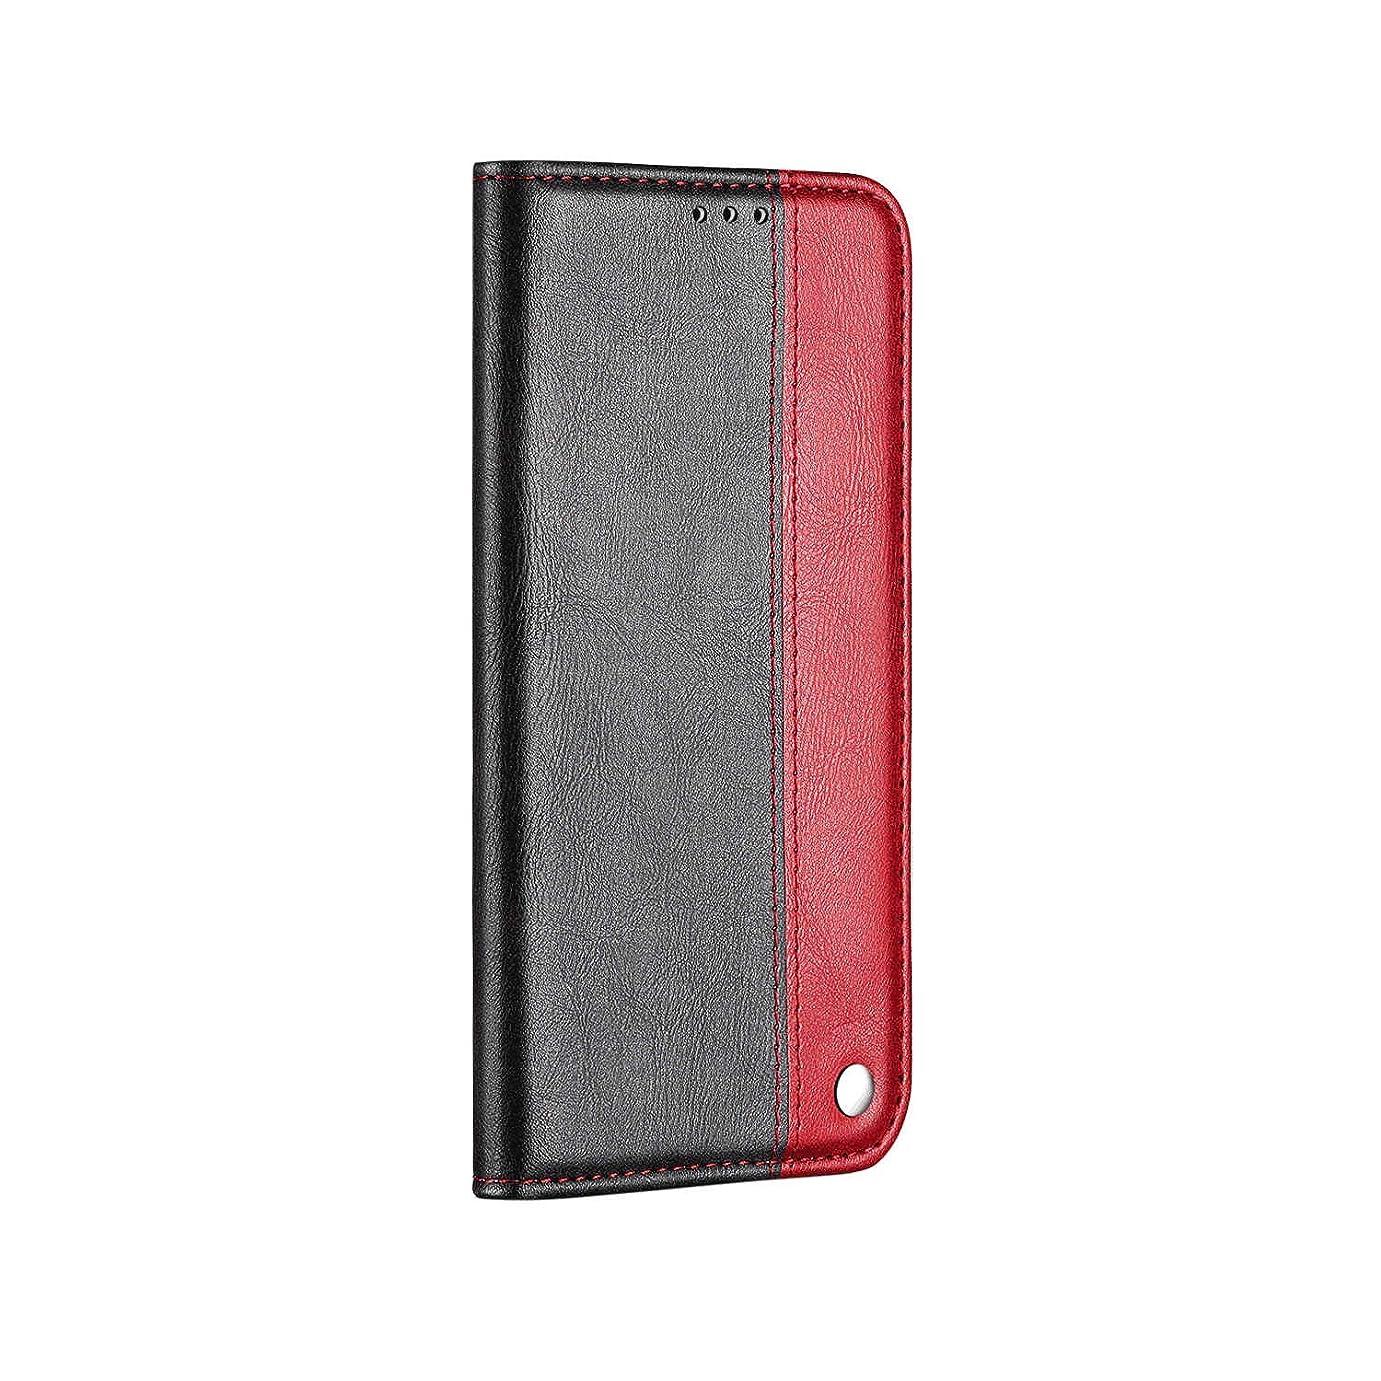 ピックリール太平洋諸島iPhone 11 PUレザー ケース, 手帳型 ケース 本革 財布 スマホケース 高級 ビジネス カバー収納 手帳型ケース iPhone アイフォン 11 レザーケース